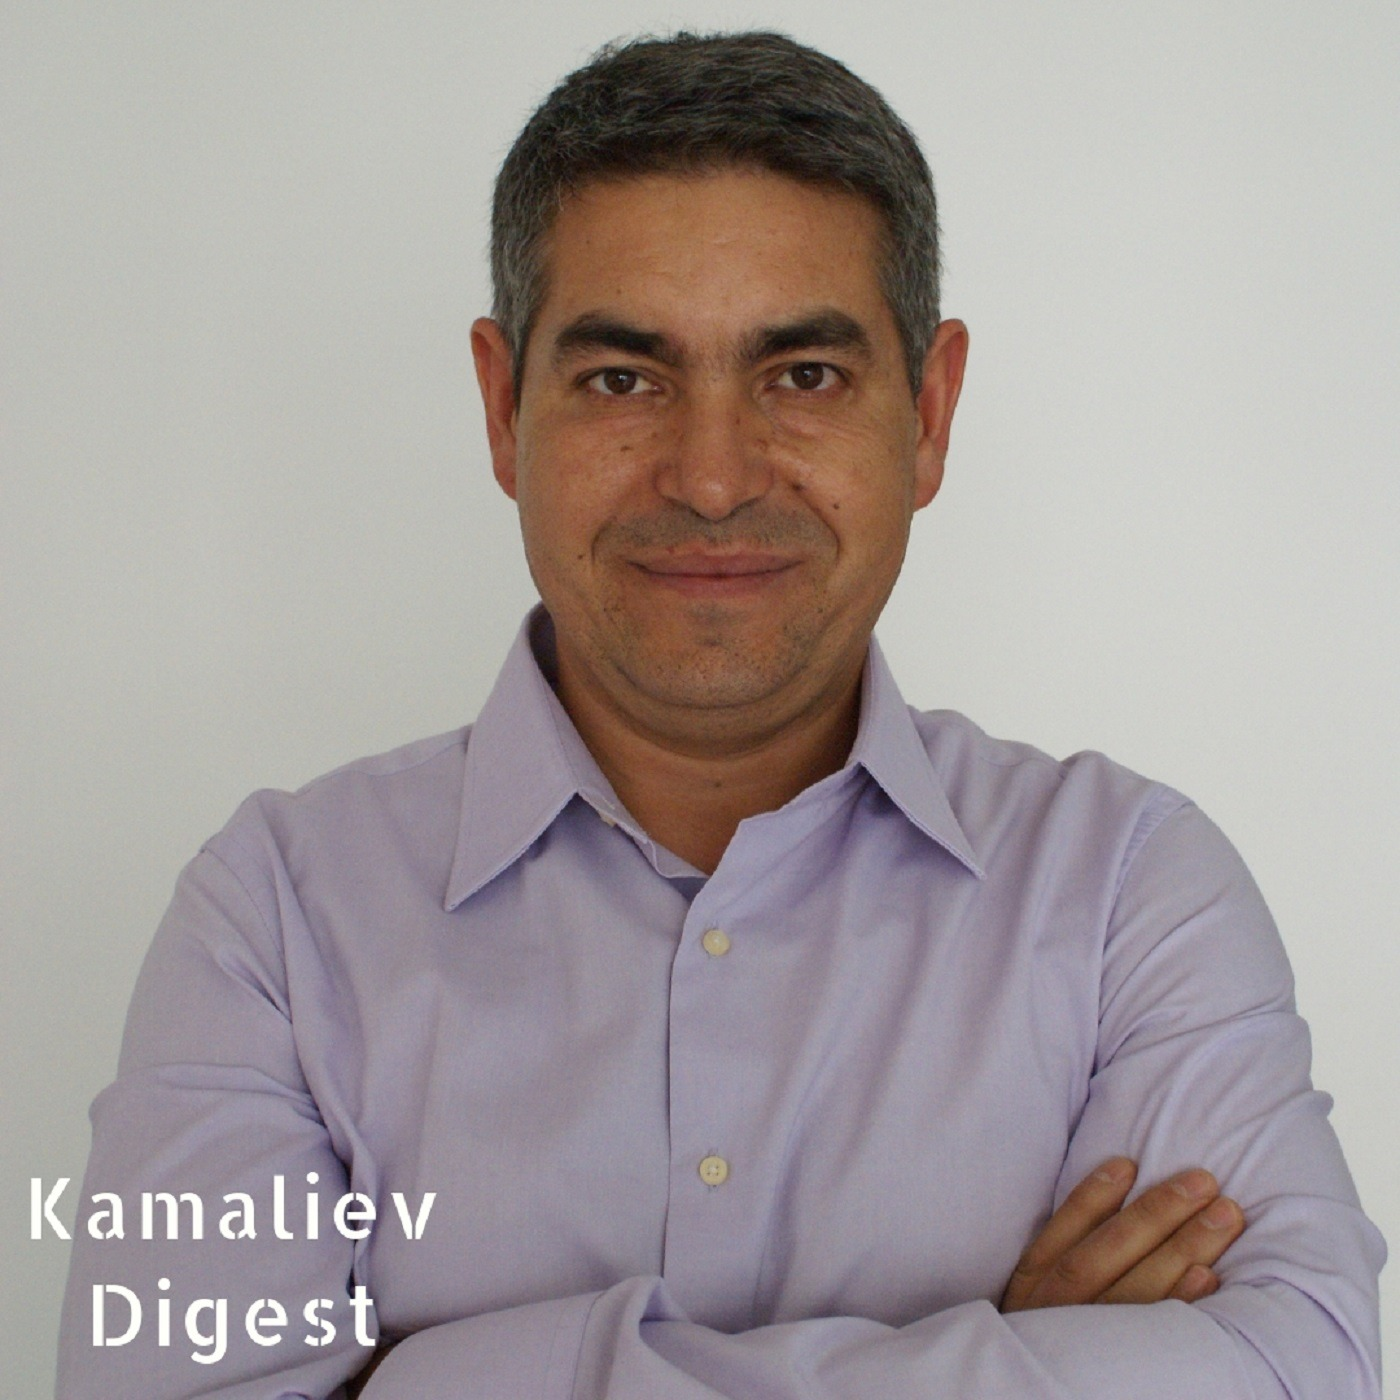 Kamaliev Digest